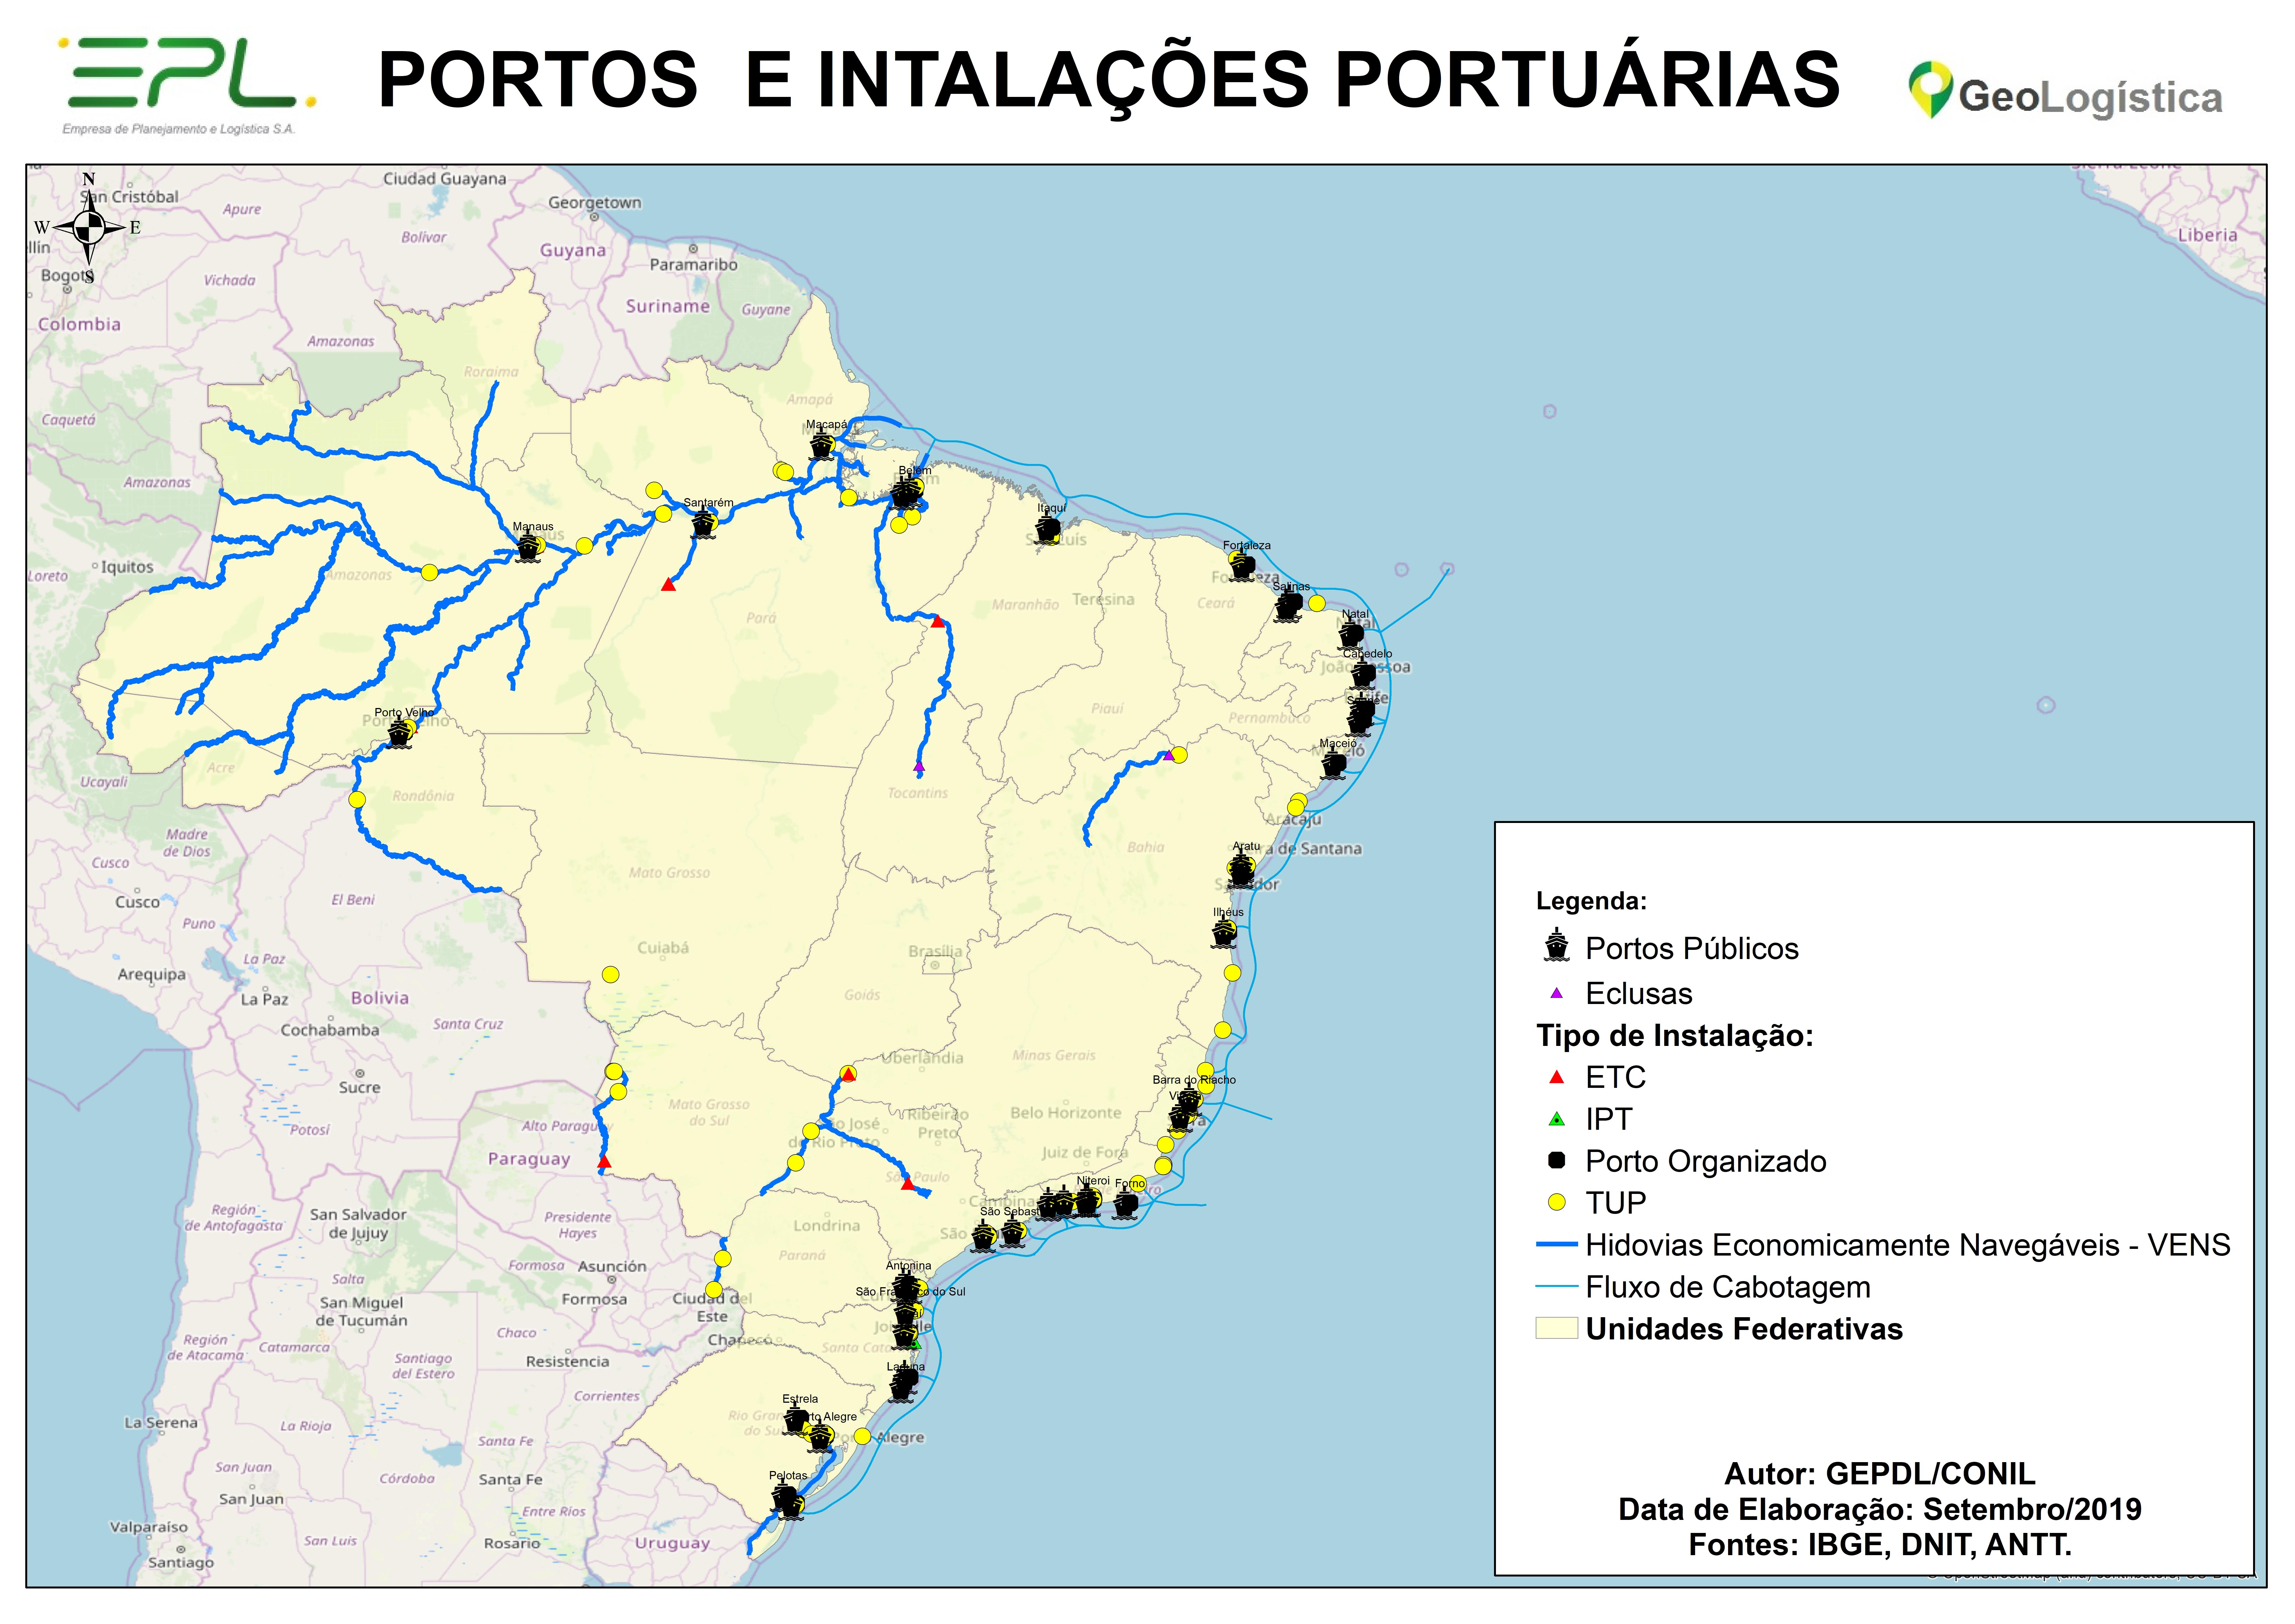 Mapa de Portos e Instalações Portuárias